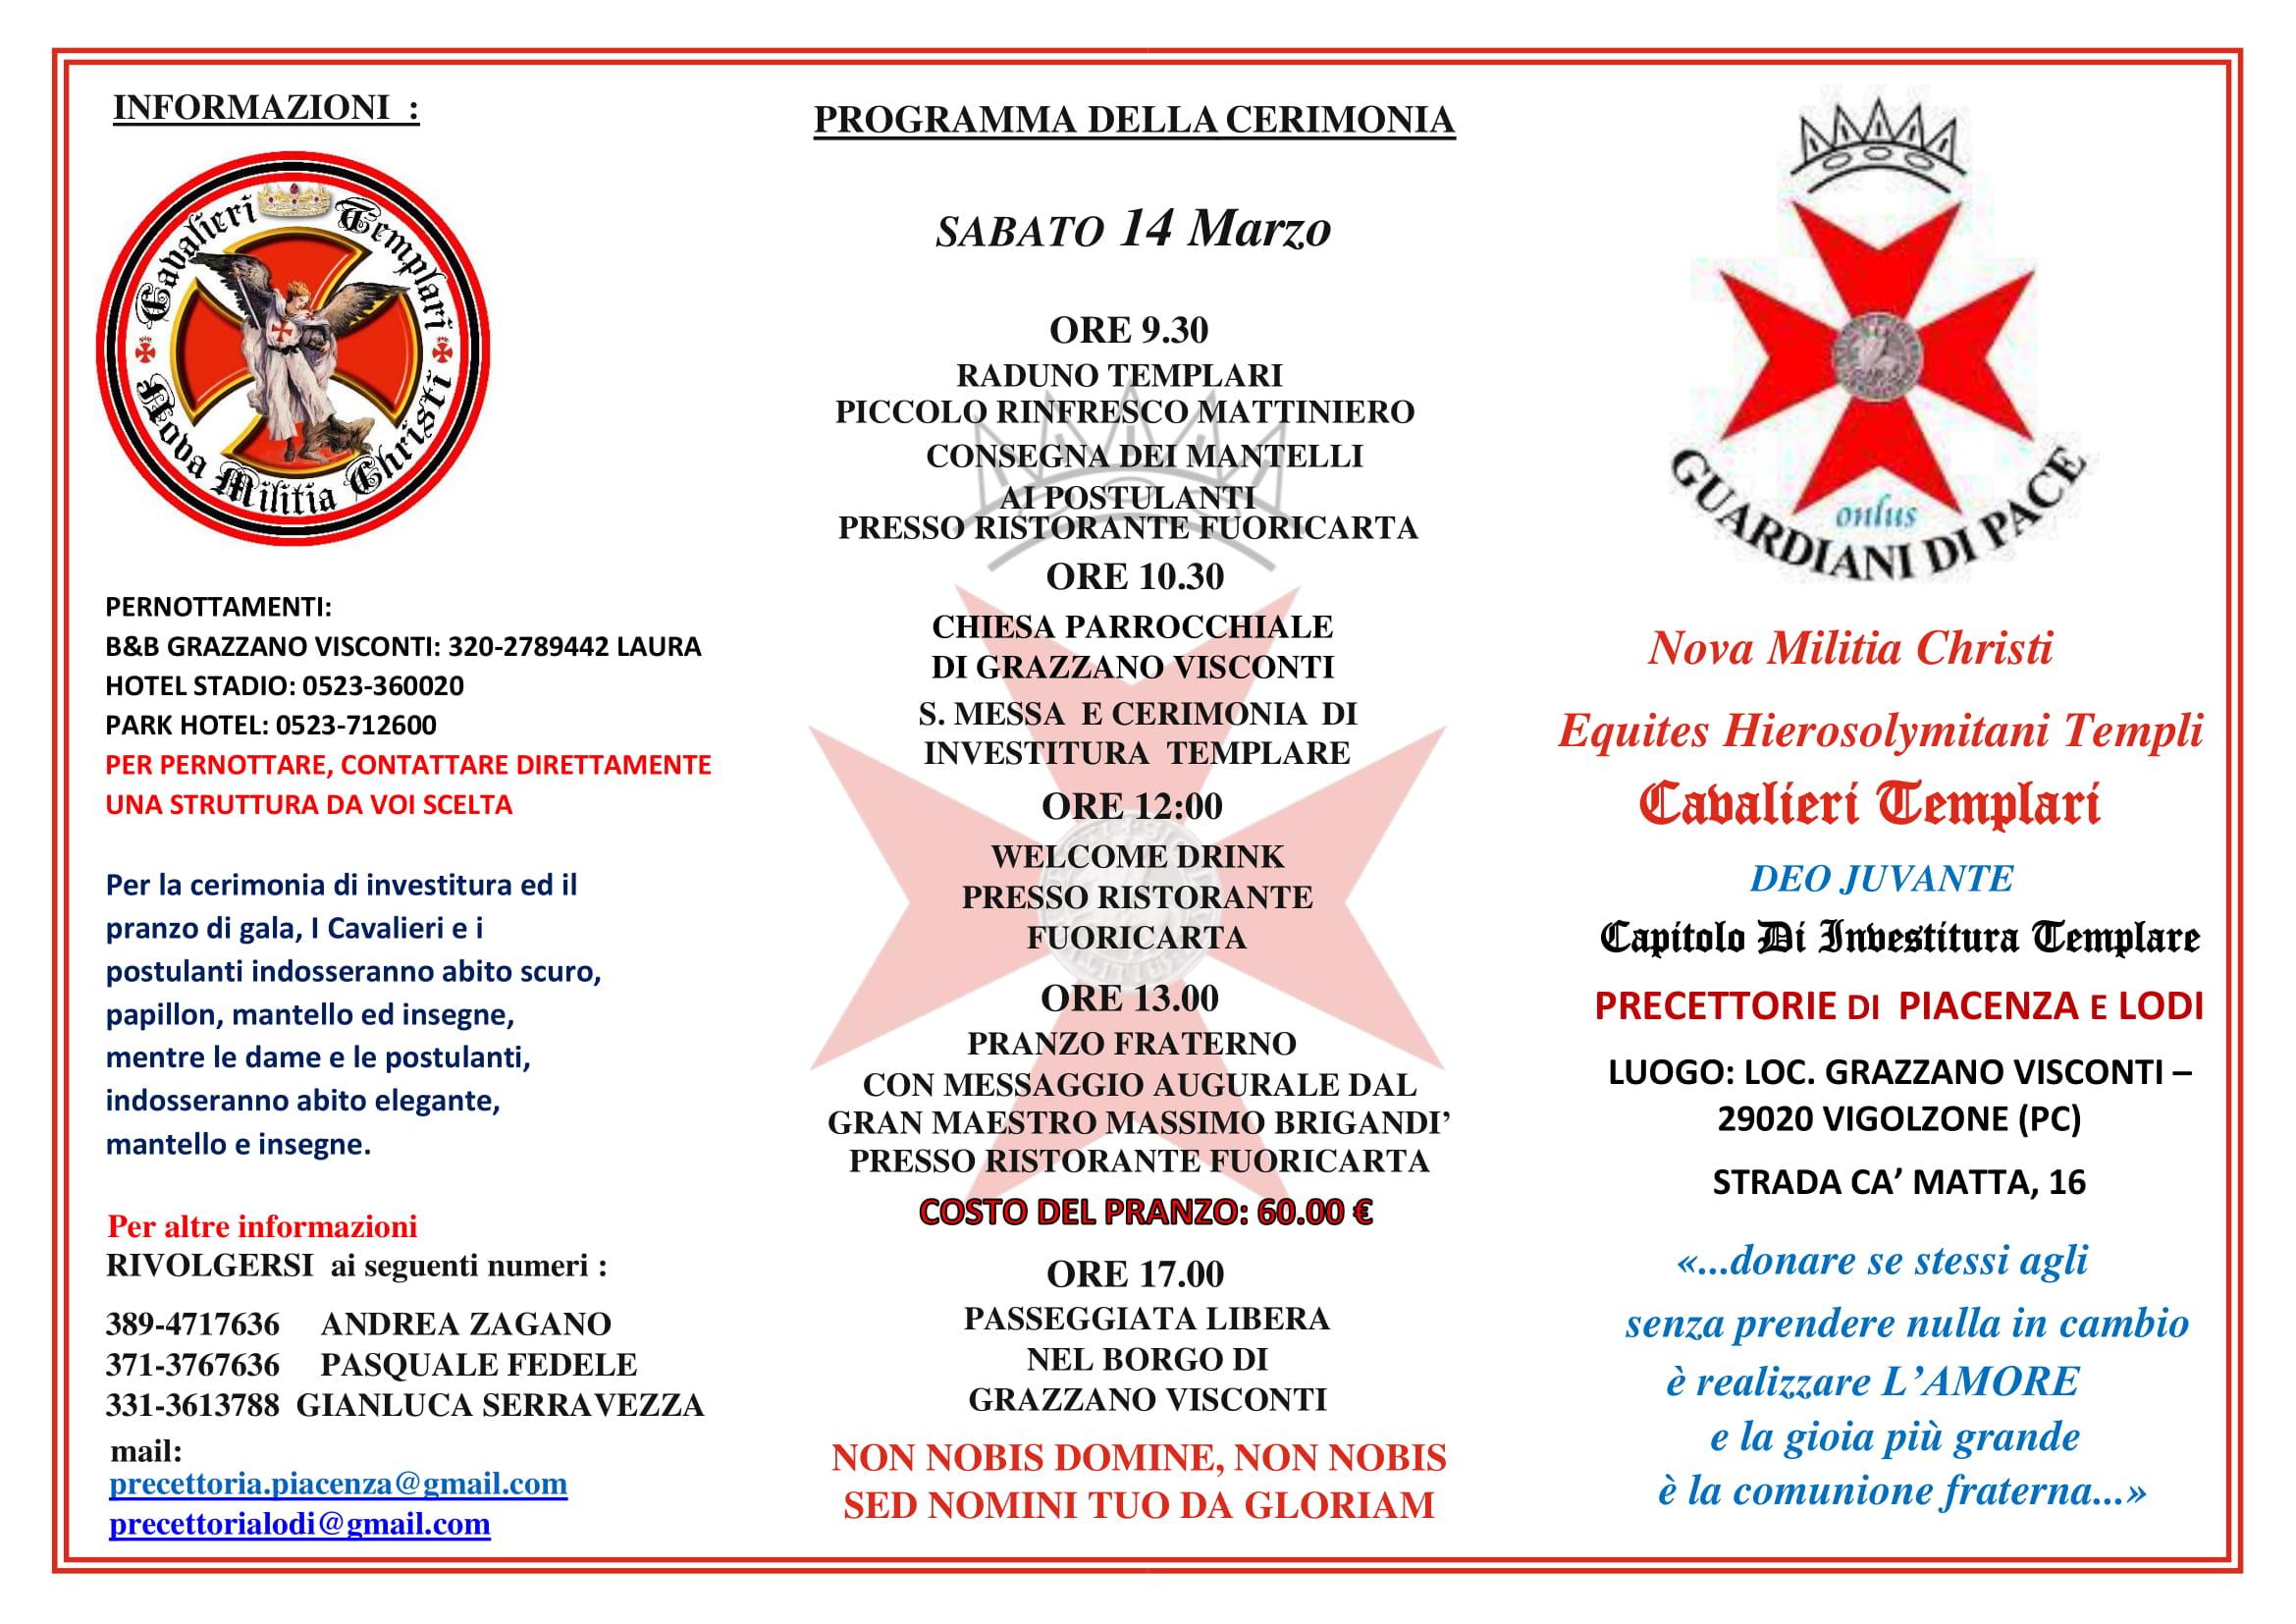 INVITO PRIORATO EMILIA ROMAGNA-1